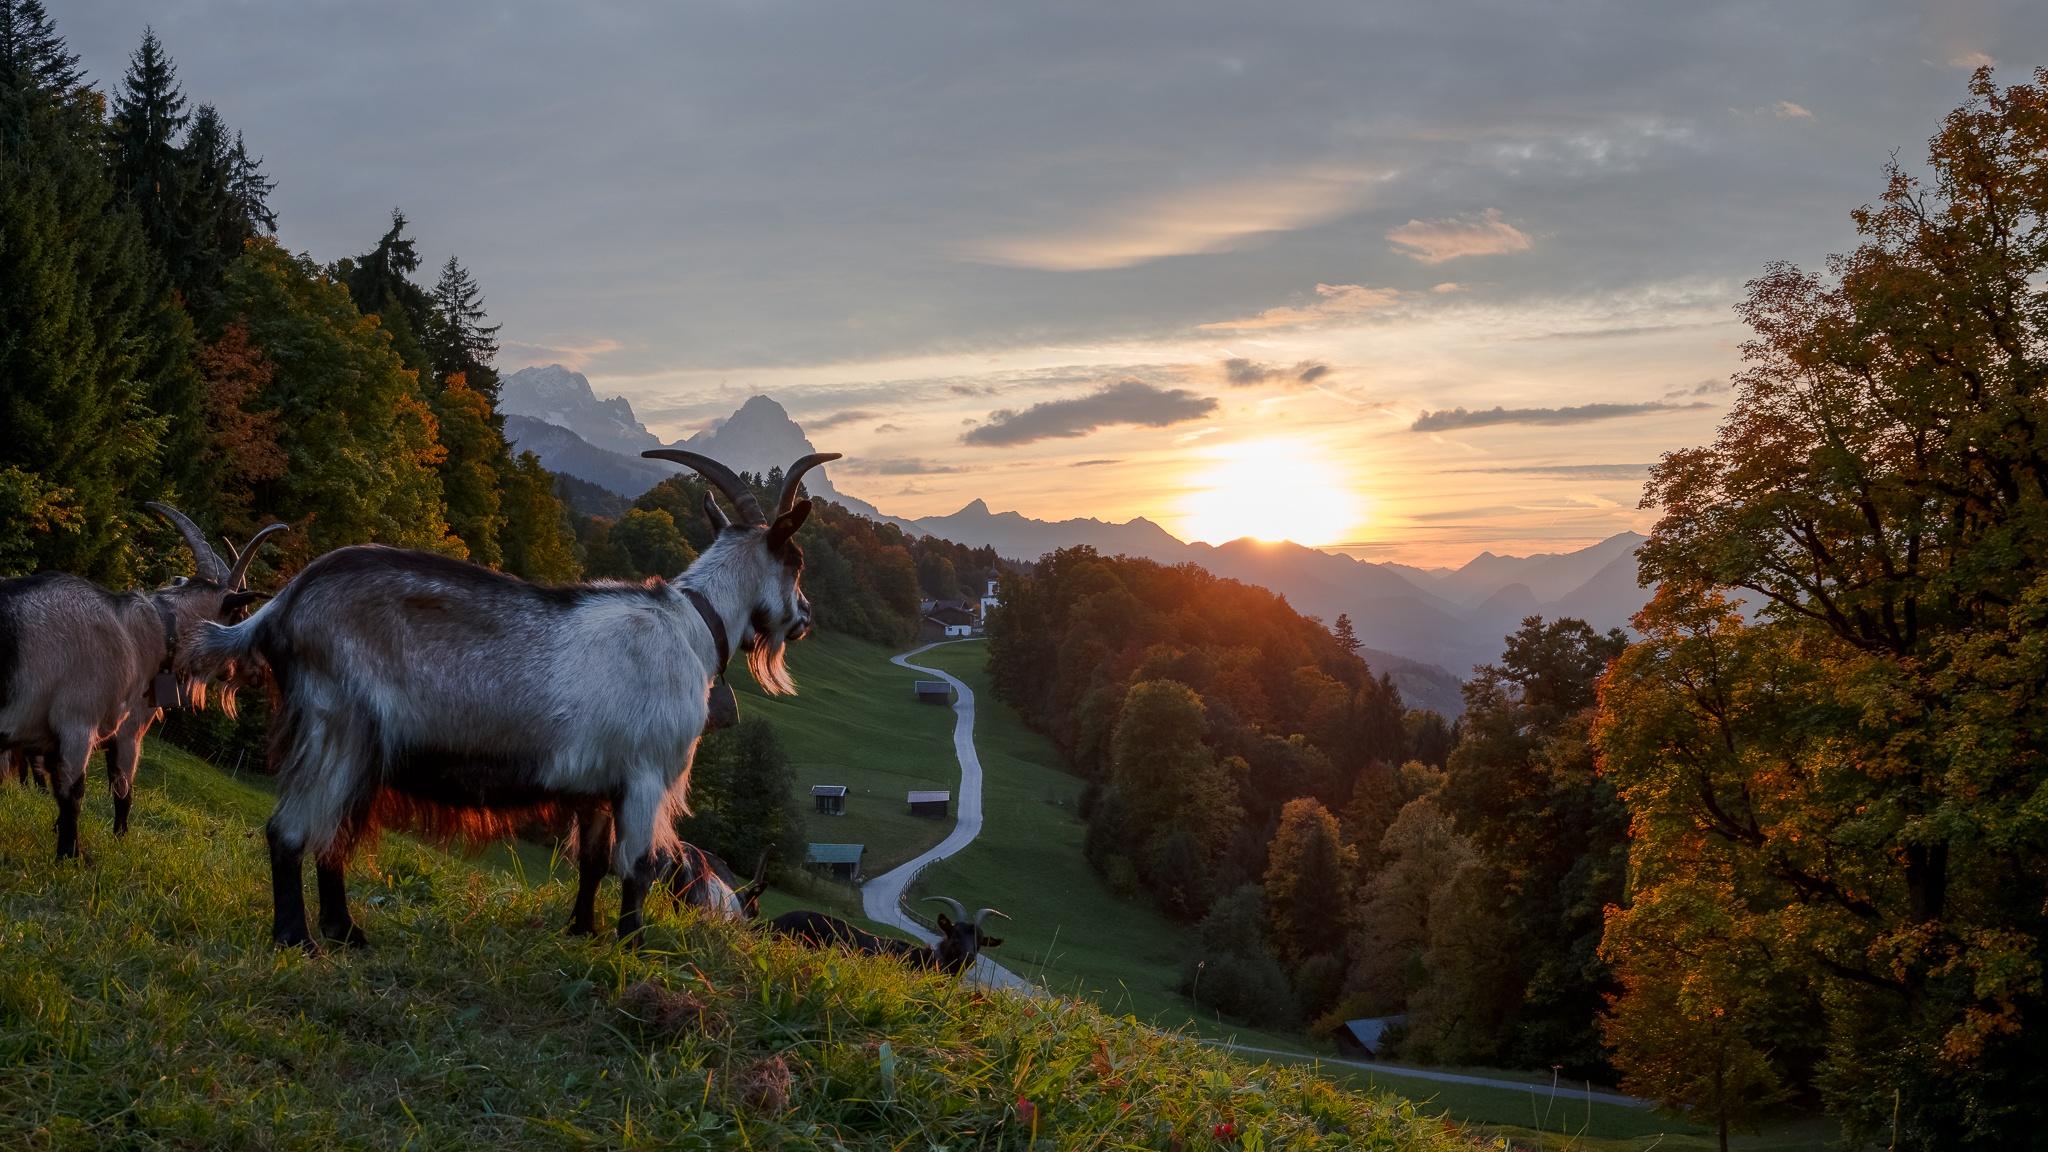 Der Herbst ist da, die Blätter sind optimal gefärbt, die Abendsonne kommt zwischen den Wolken hindurch und dann schauen die Ziegen auch noch beim Fotoshooting vorbei :-)